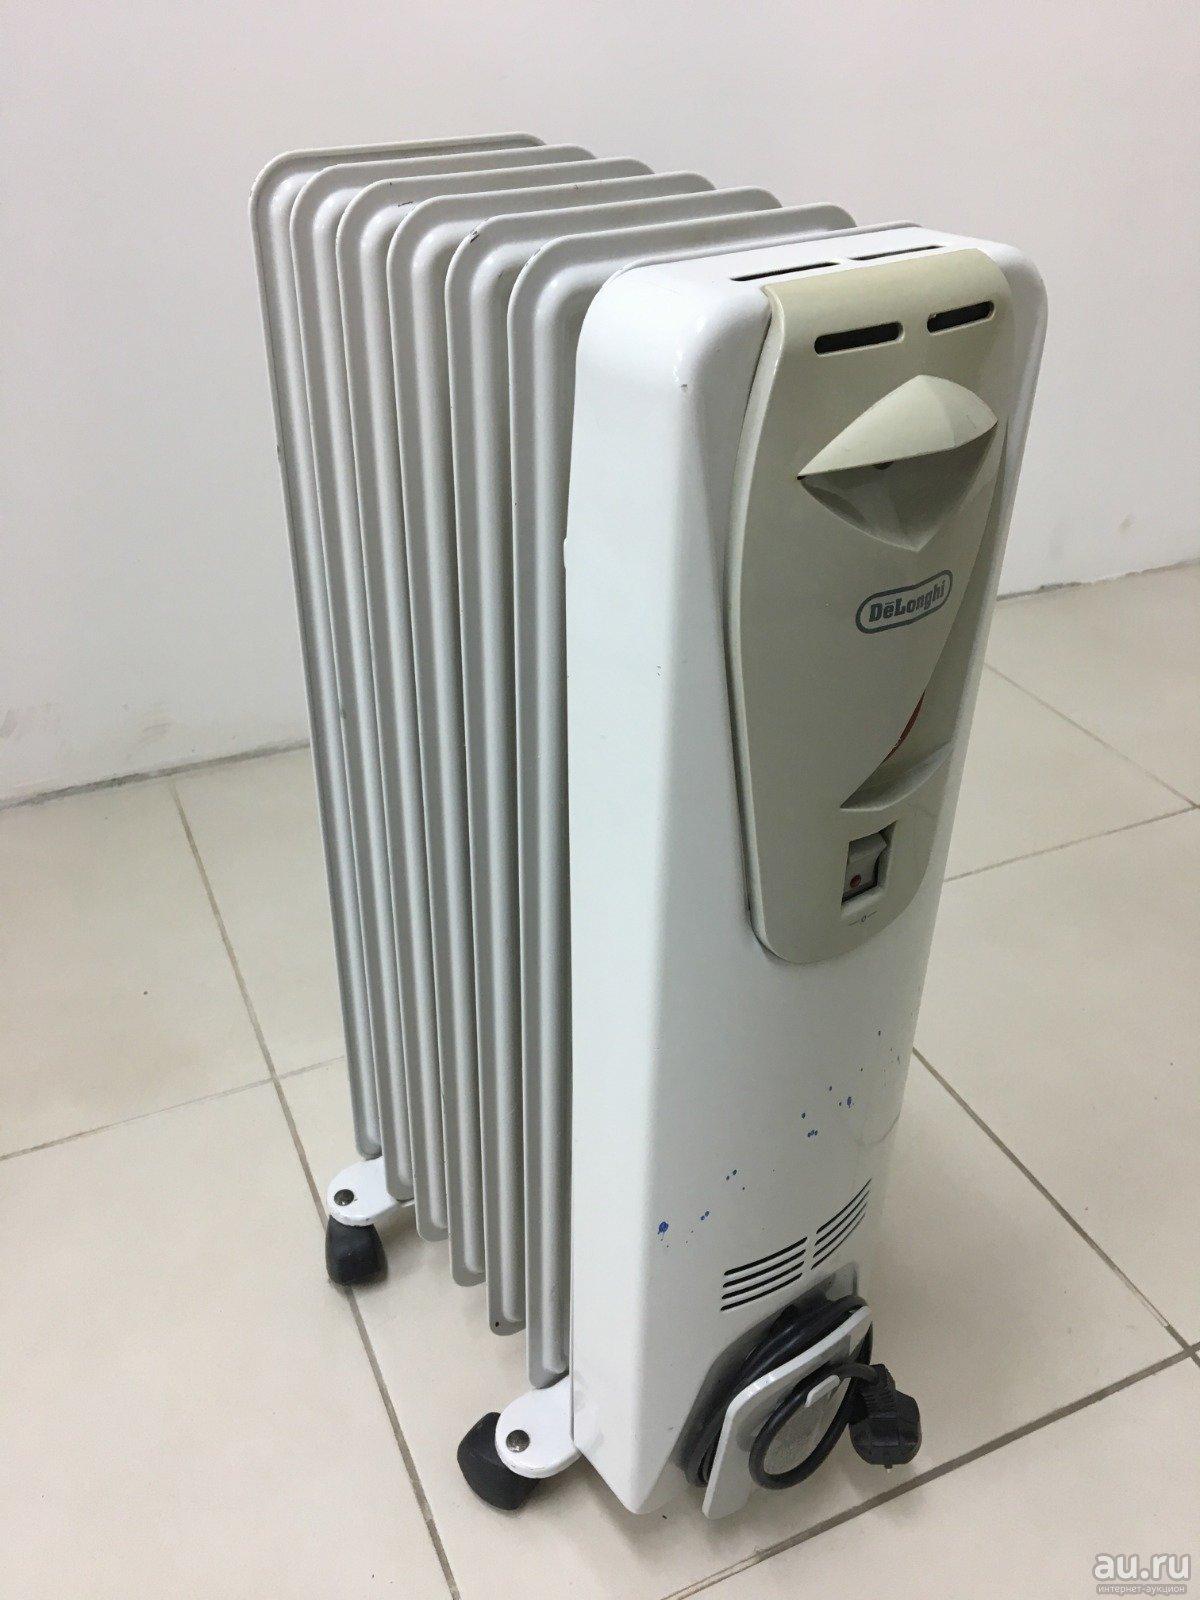 Масляные обогреватели и электрические радиаторы от de'longhi в россии